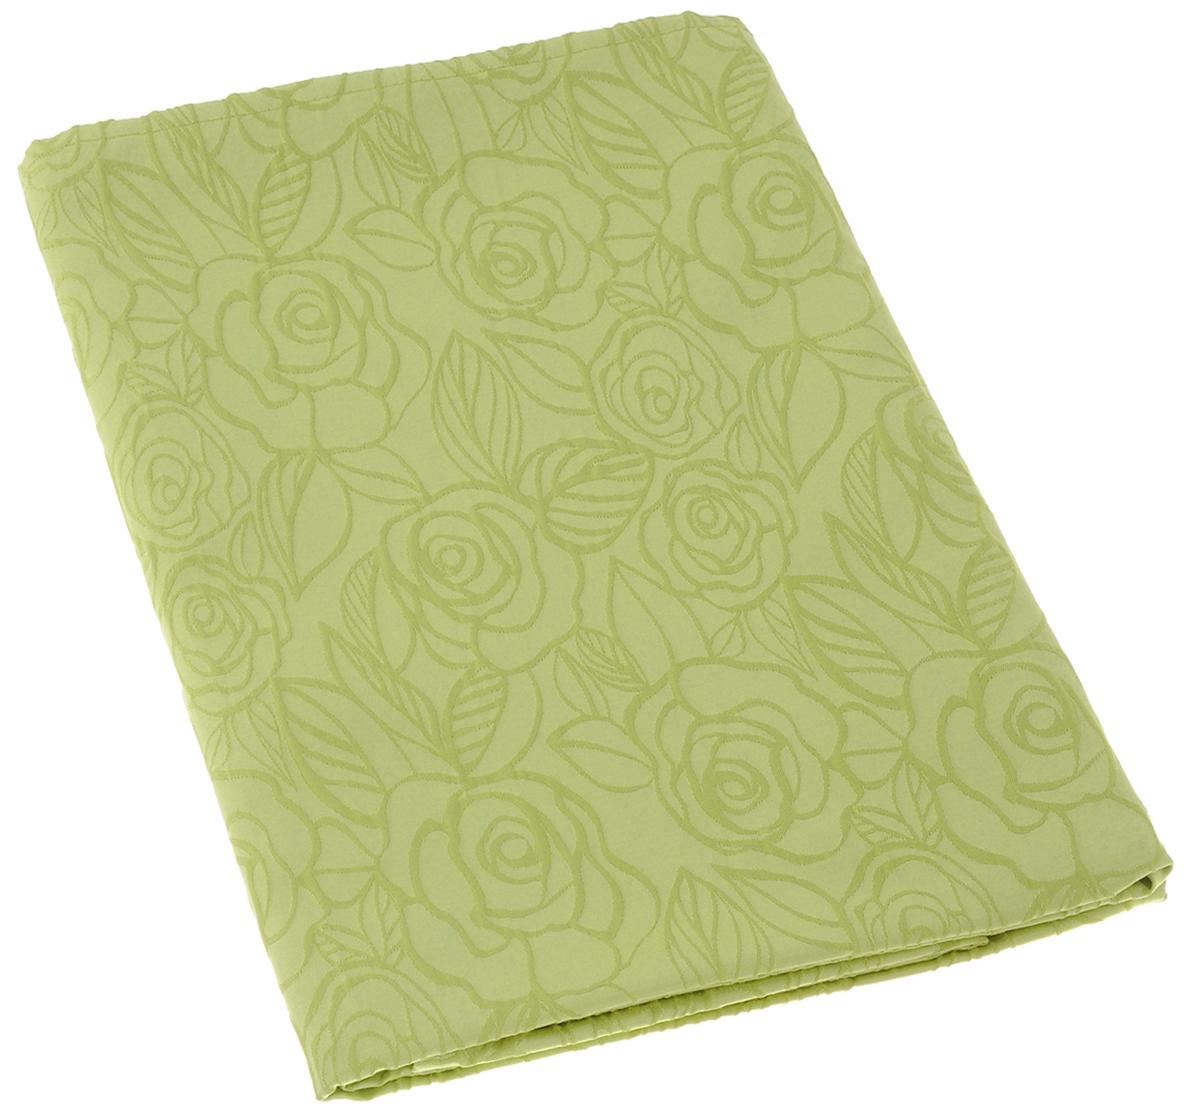 Скатерть Schaefer, прямоугольная, цвет: светло-зеленый, 130 х 160 см. 07548-42707548-427Изящная прямоугольная скатерть Schaefer, выполненная из плотного полиэстера с водоотталкивающей пропиткой, станет украшением кухонного стола. Изделие декорировано рельефным цветочным узором. За текстилем из полиэстера очень легко ухаживать: он не мнется, не садится и быстро сохнет, легко стирается, более долговечен, чем текстиль из натуральных волокон. Использование такой скатерти сделает застолье торжественным, поднимет настроение гостей и приятно удивит их вашим изысканным вкусом. Также вы можете использовать эту скатерть для повседневной трапезы, превратив каждый прием пищи в волшебный праздник и веселье. Это текстильное изделие станет изысканным украшением вашего дома!